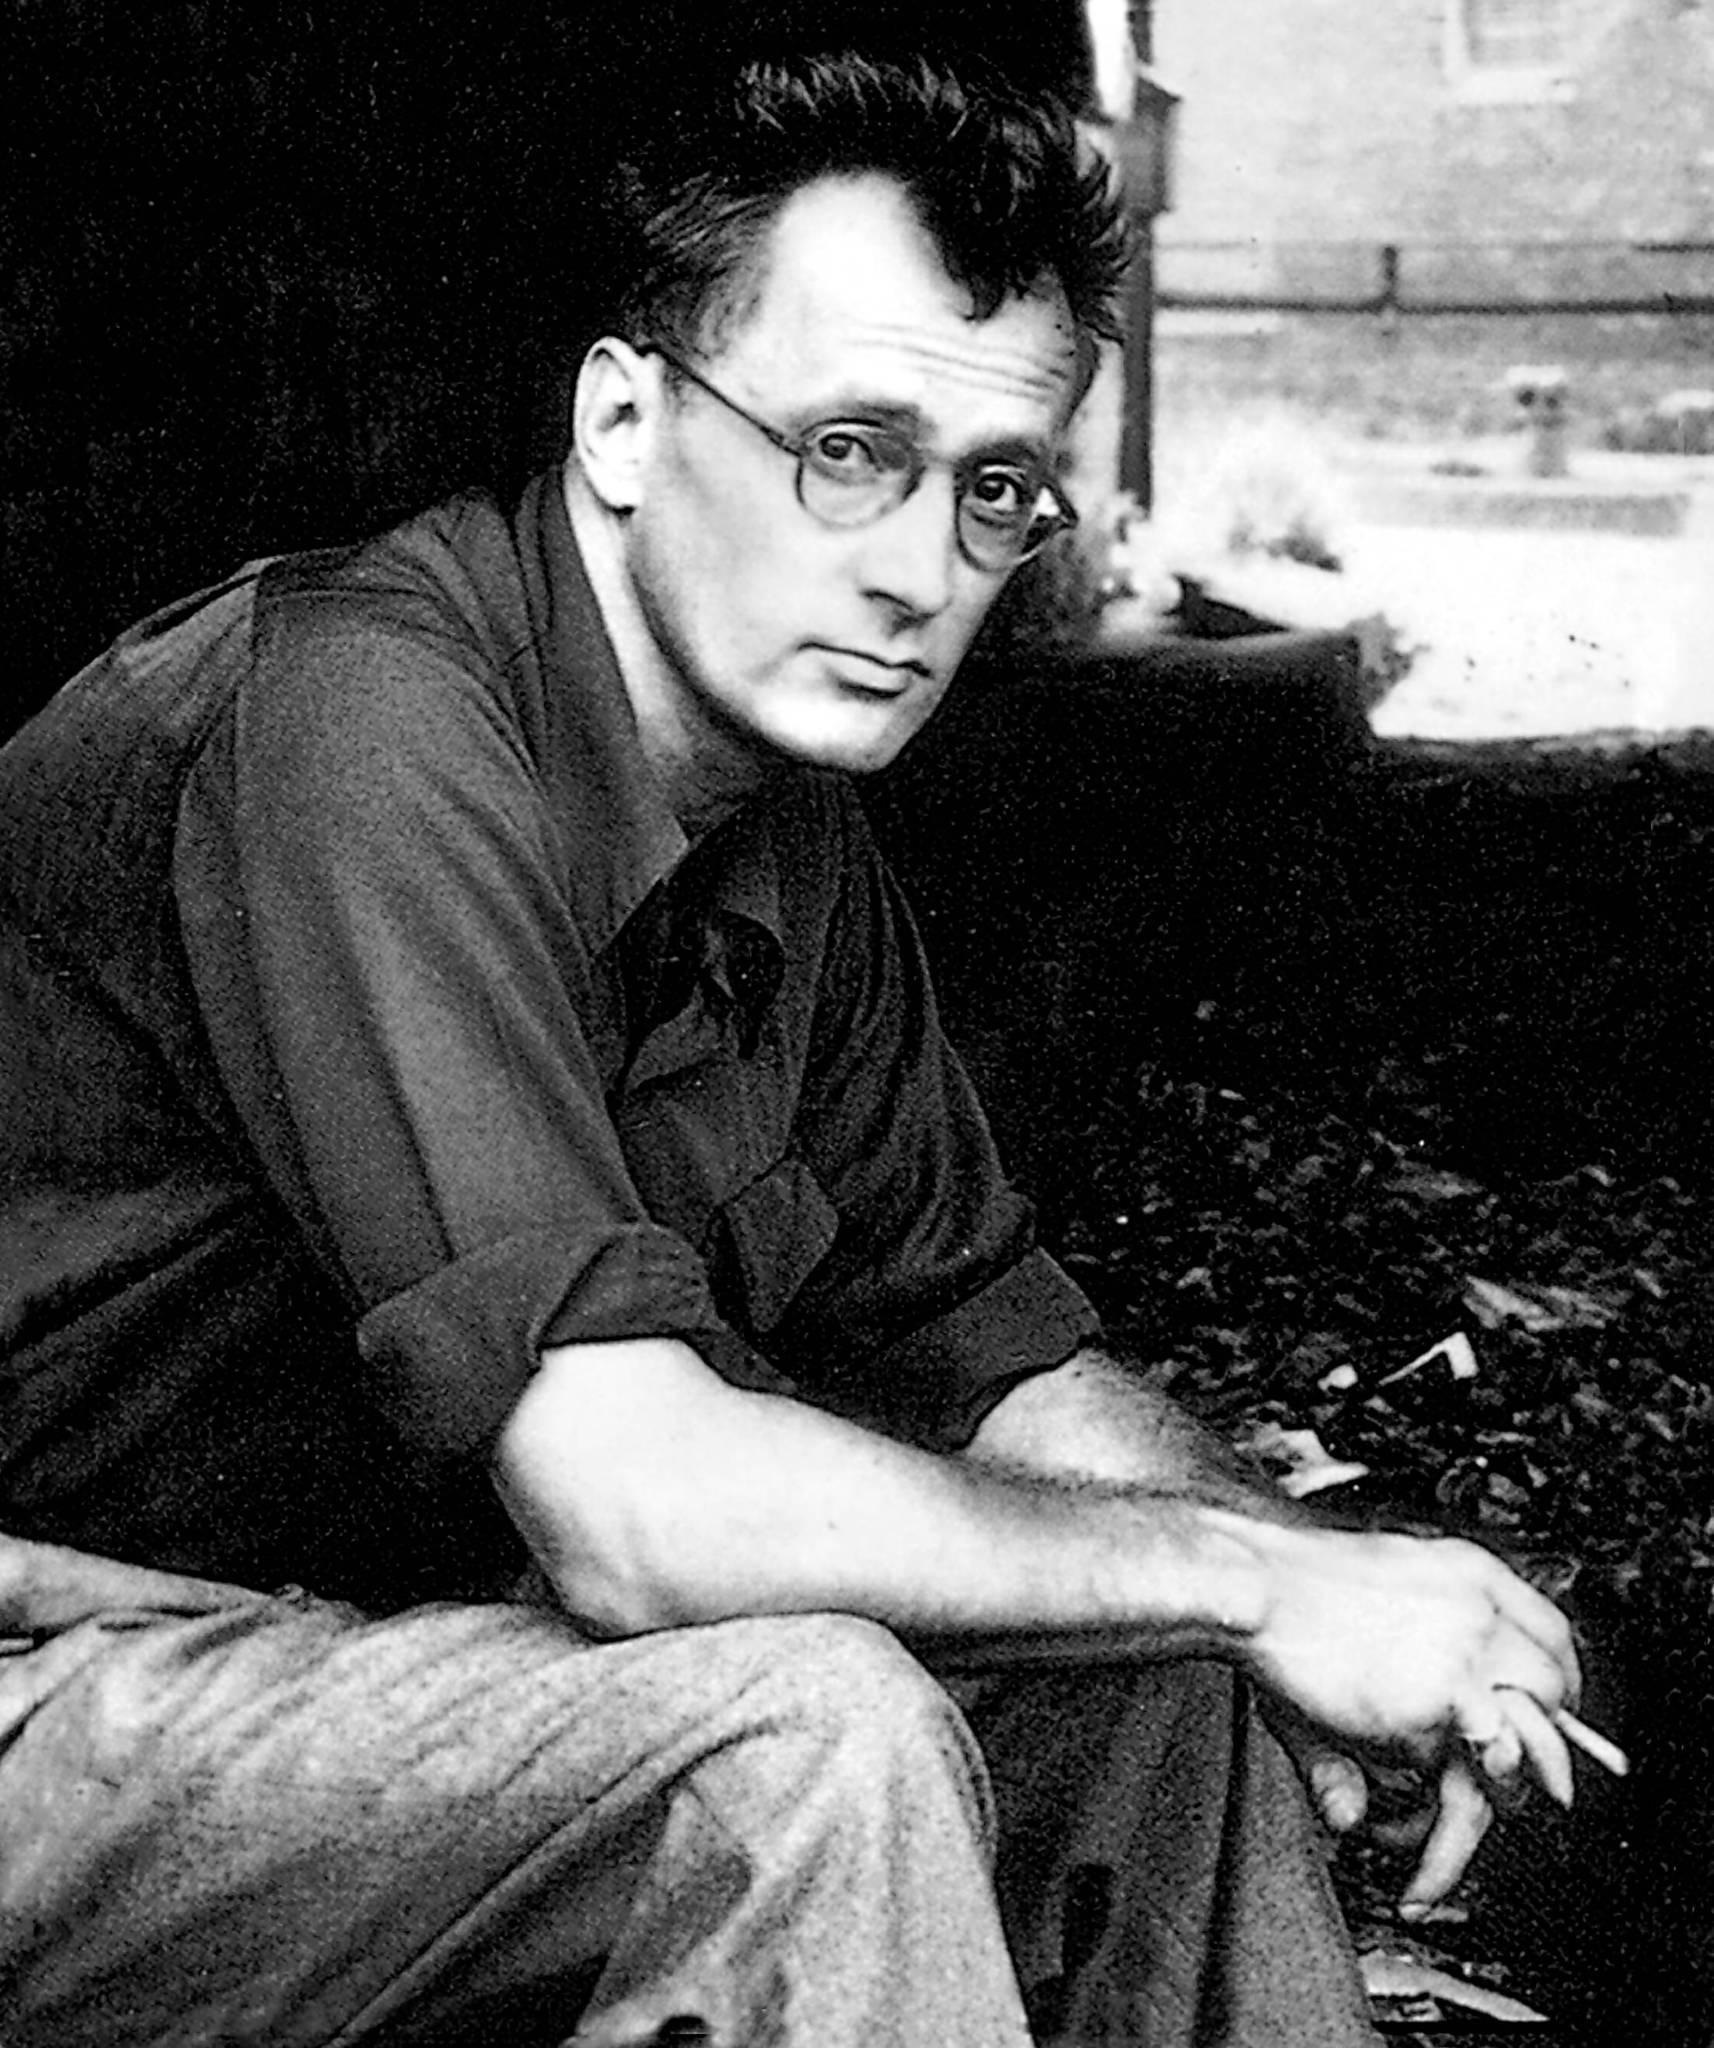 Nelson Algren (1909-1981) american writer, c. 1950